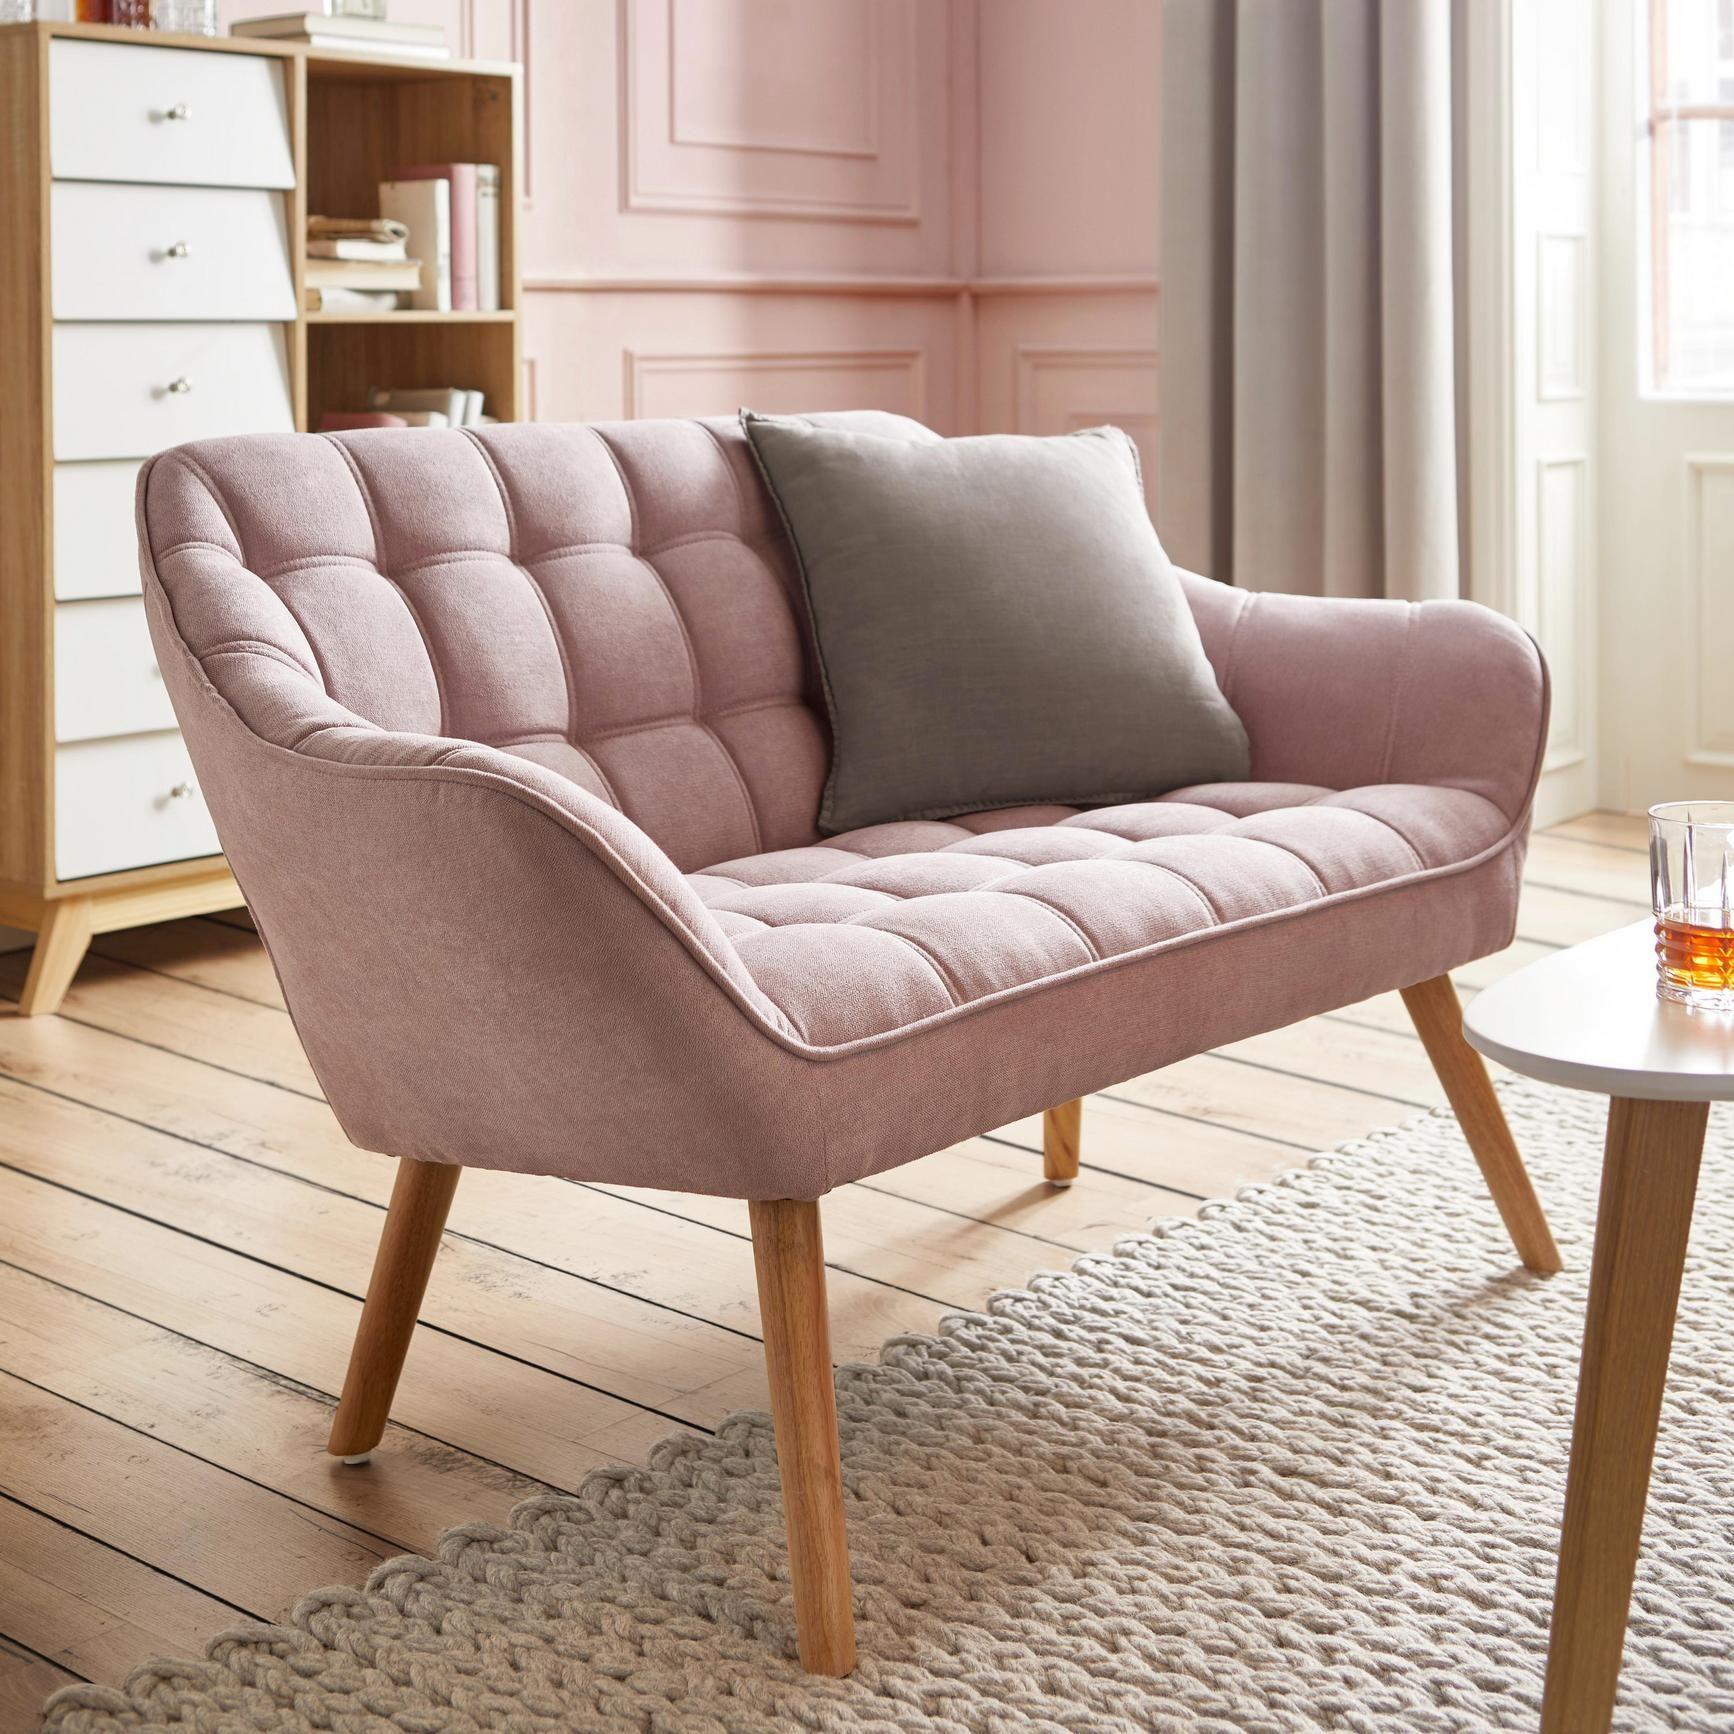 Full Size of Esszimmer Sofa Sofabank Samt Landhausstil 3 Sitzer Couch Grau Leder Vintage Modern Ikea Zweisitzer Monique Online Kaufen Mmazweisitzer Teilig Großes Sofa Esszimmer Sofa